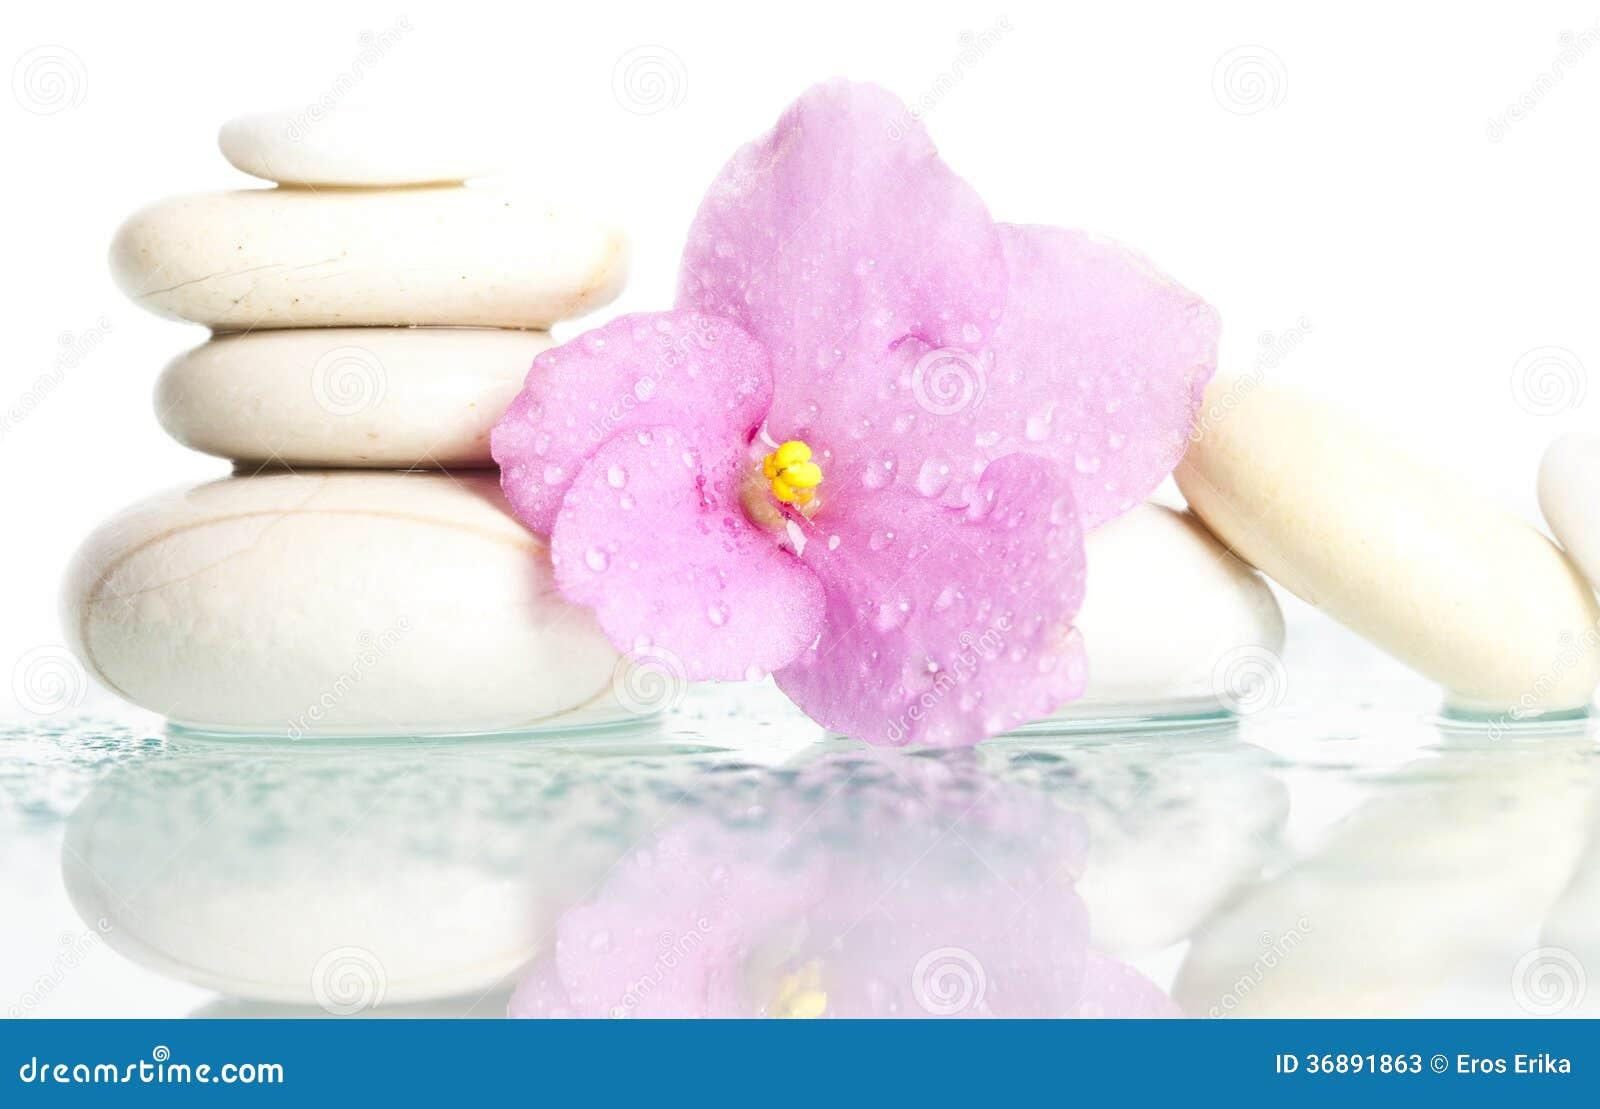 Download Pietre Bianche Della Stazione Termale Su Bianco Con Il Fiore Immagine Stock - Immagine di petali, alternativa: 36891863